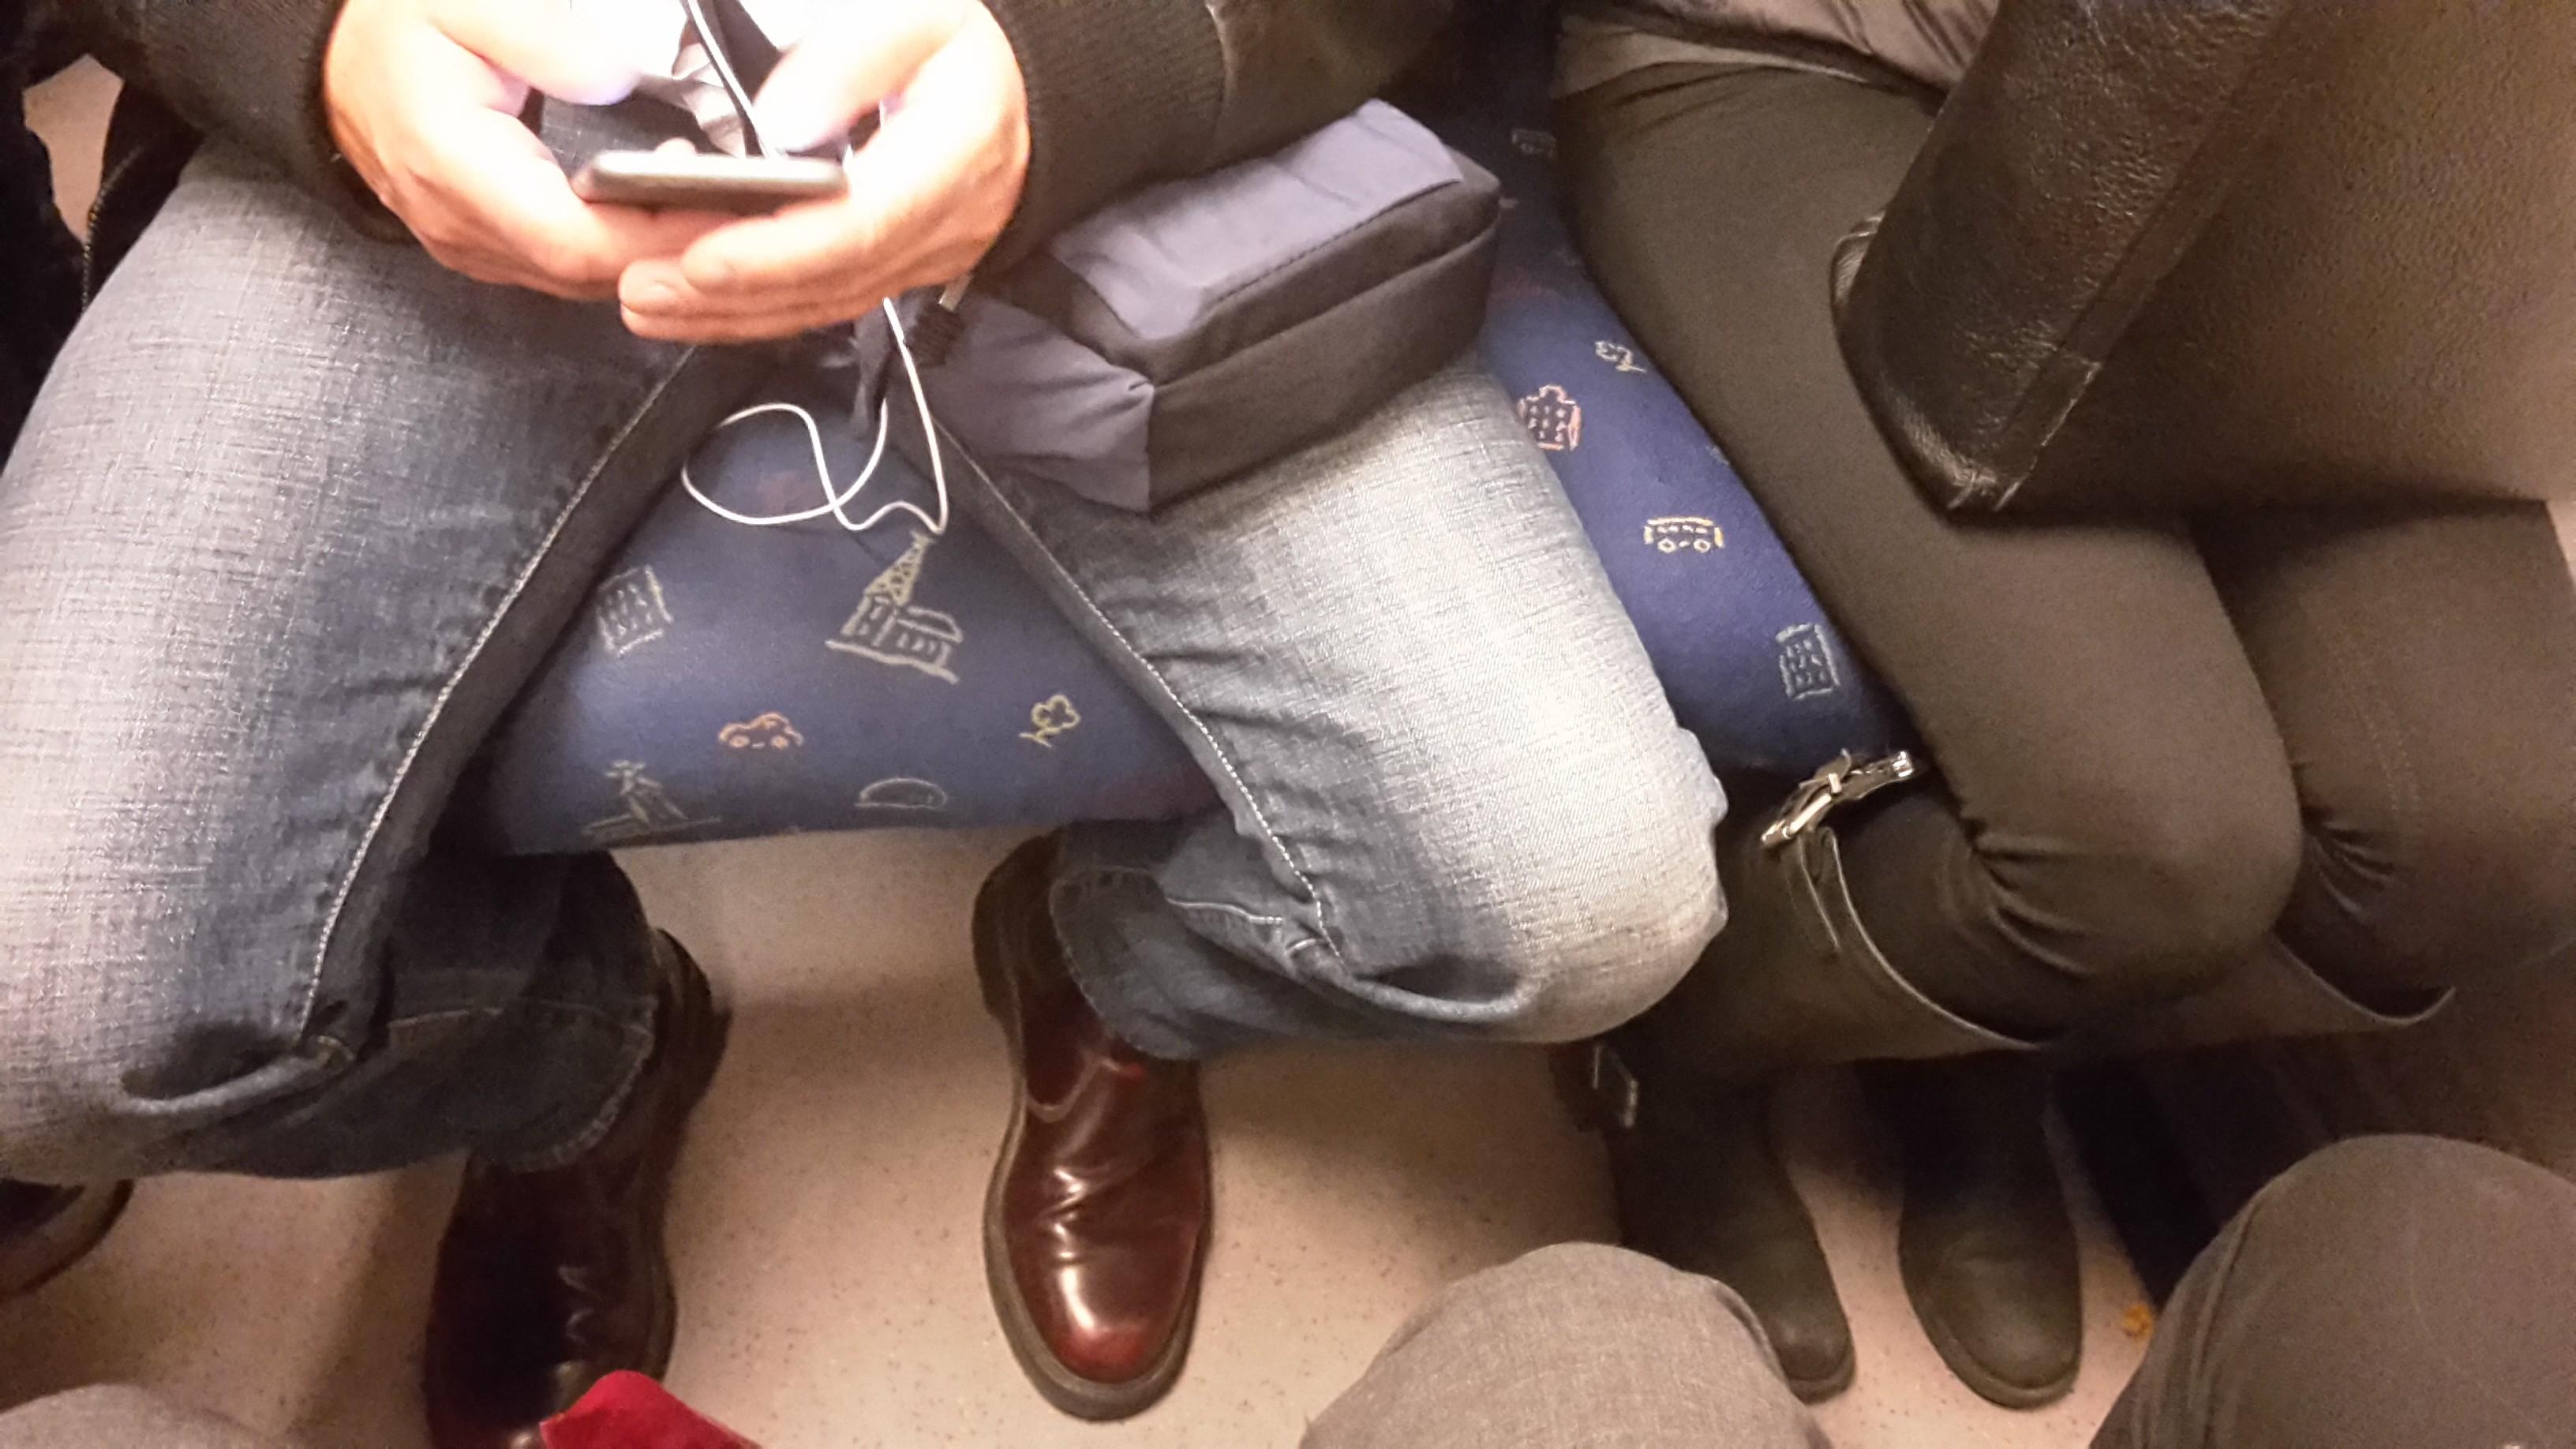 大眾交通工具上,男性習慣把腳張開,無形中壓縮了女性的空間。/ 圖片來源:Peter Isotalo